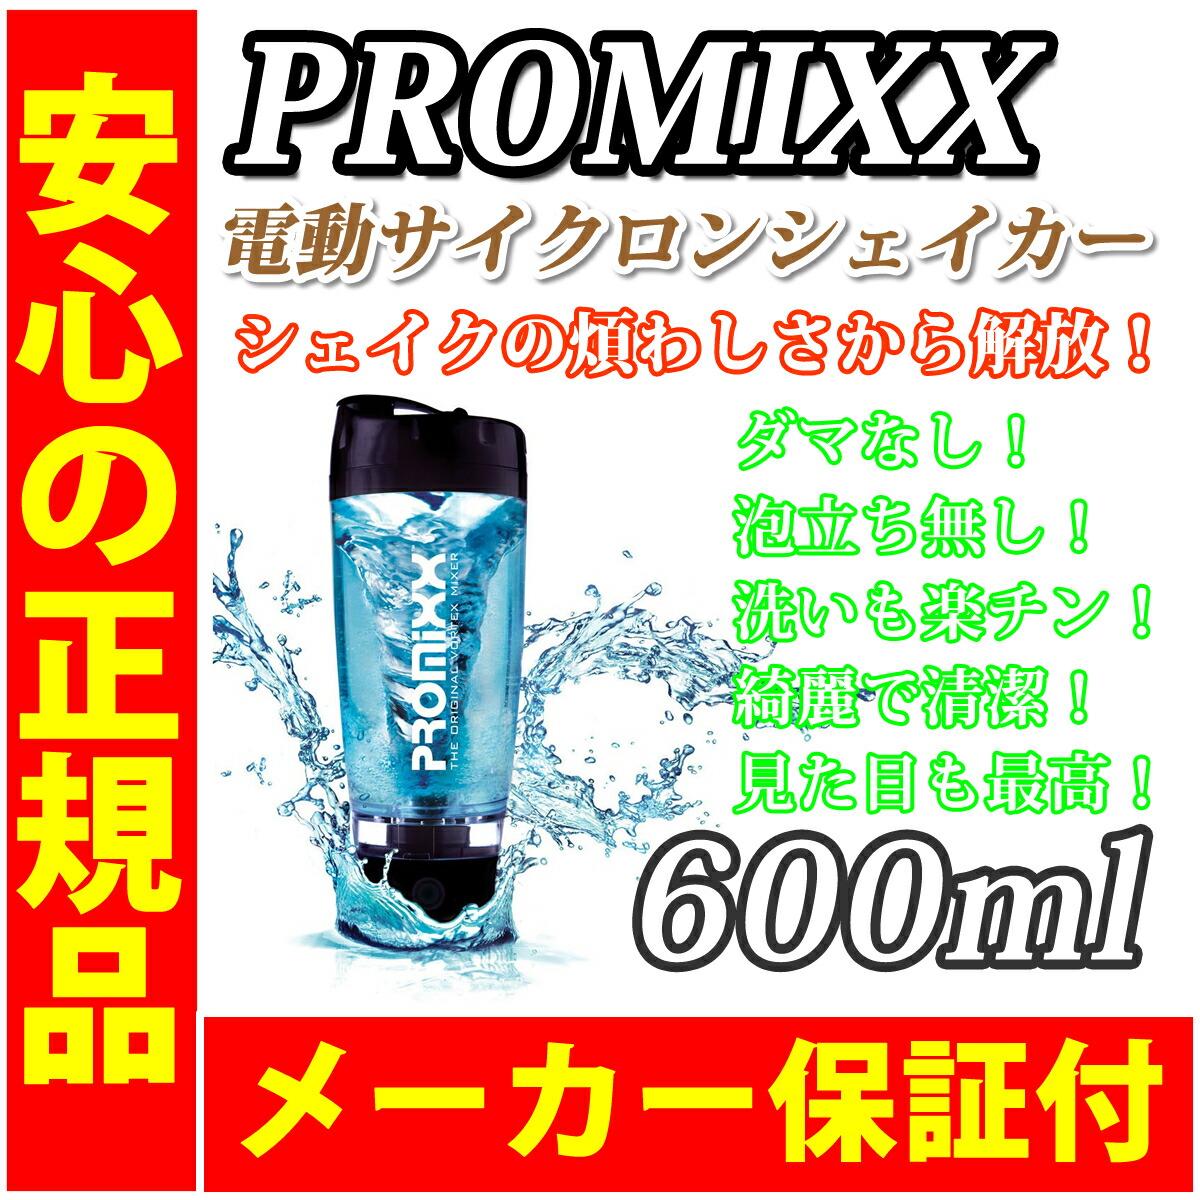 <br>PROMIXX プロミックス (電動シェイカー) 600ml<br>【電動シェイカー】<br>【国内正規品】<br>【プロミックス】<br>【即納可能!】<br>